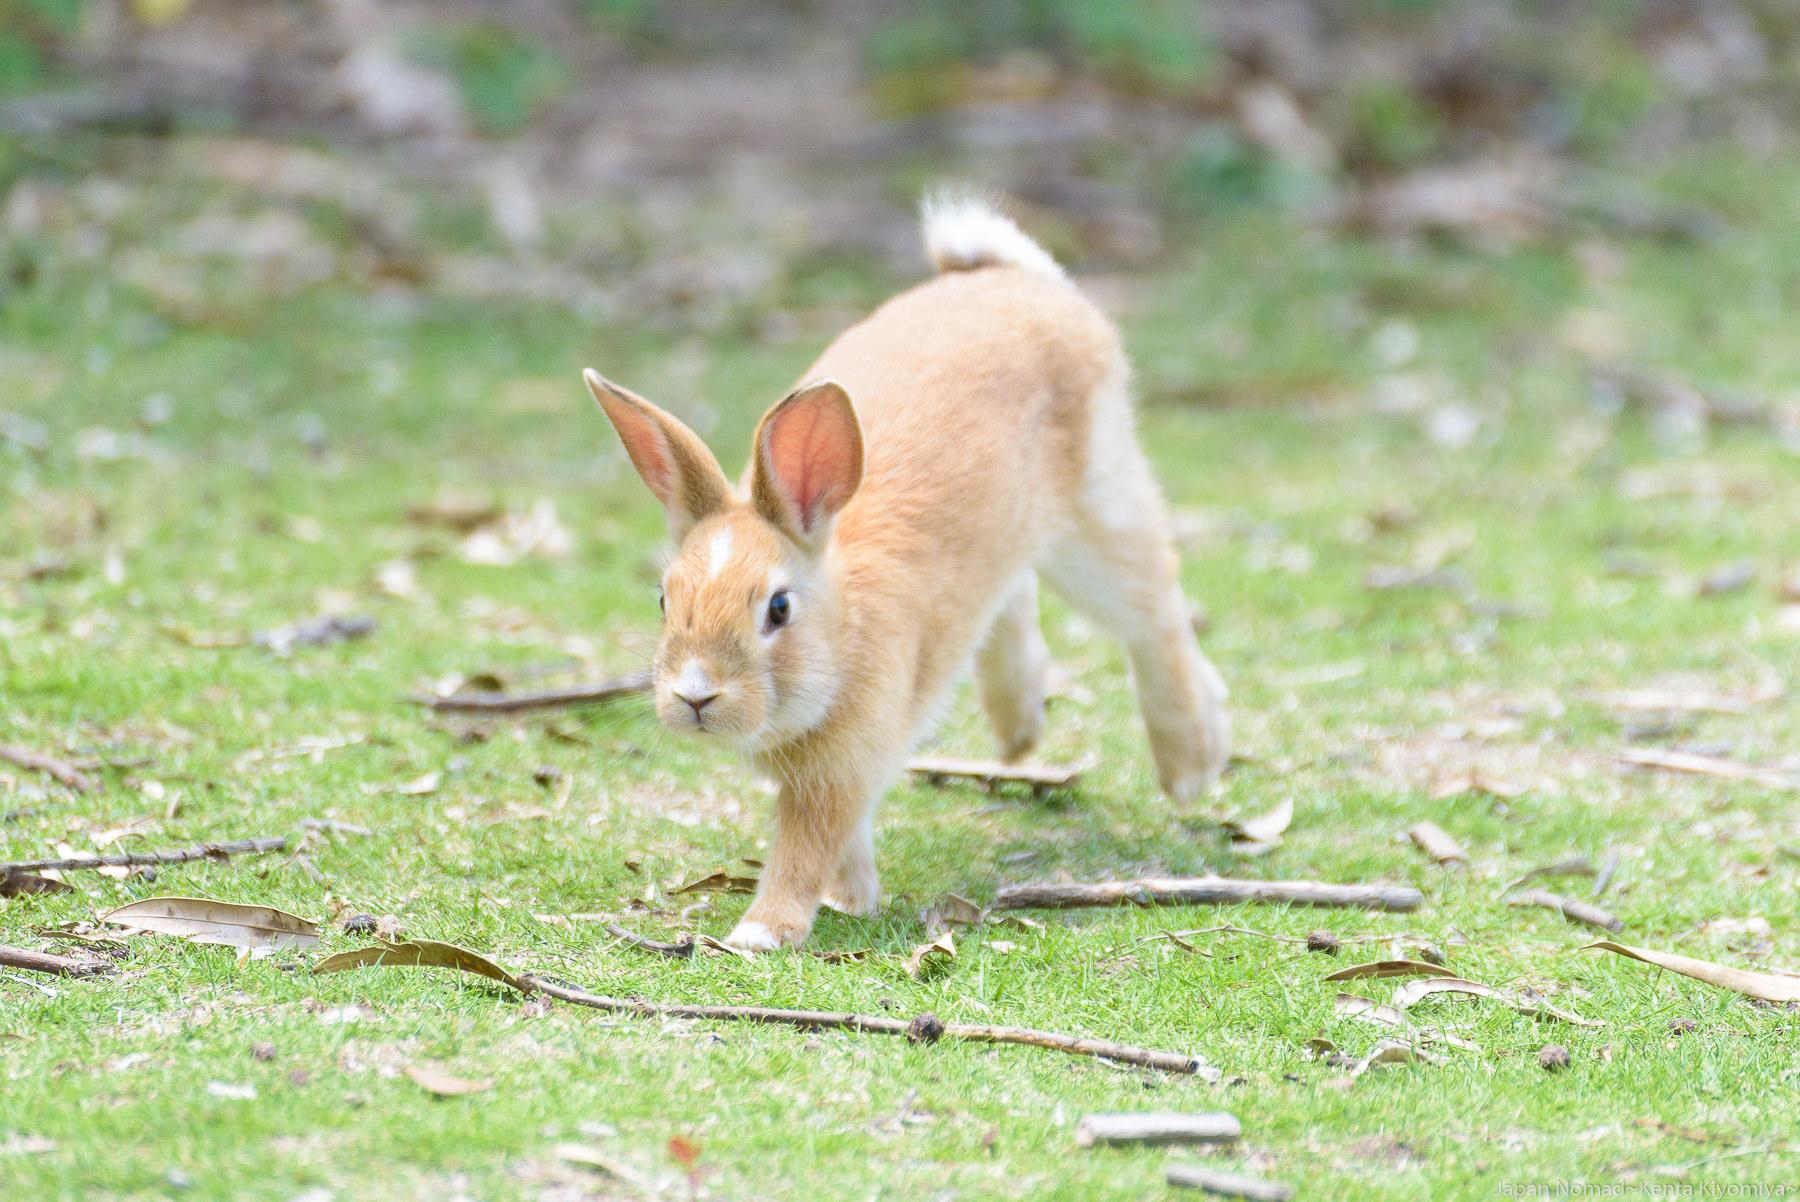 【旅244日目】大久野島で700羽の野生ウサギに囲まれてキュン死にしてきた